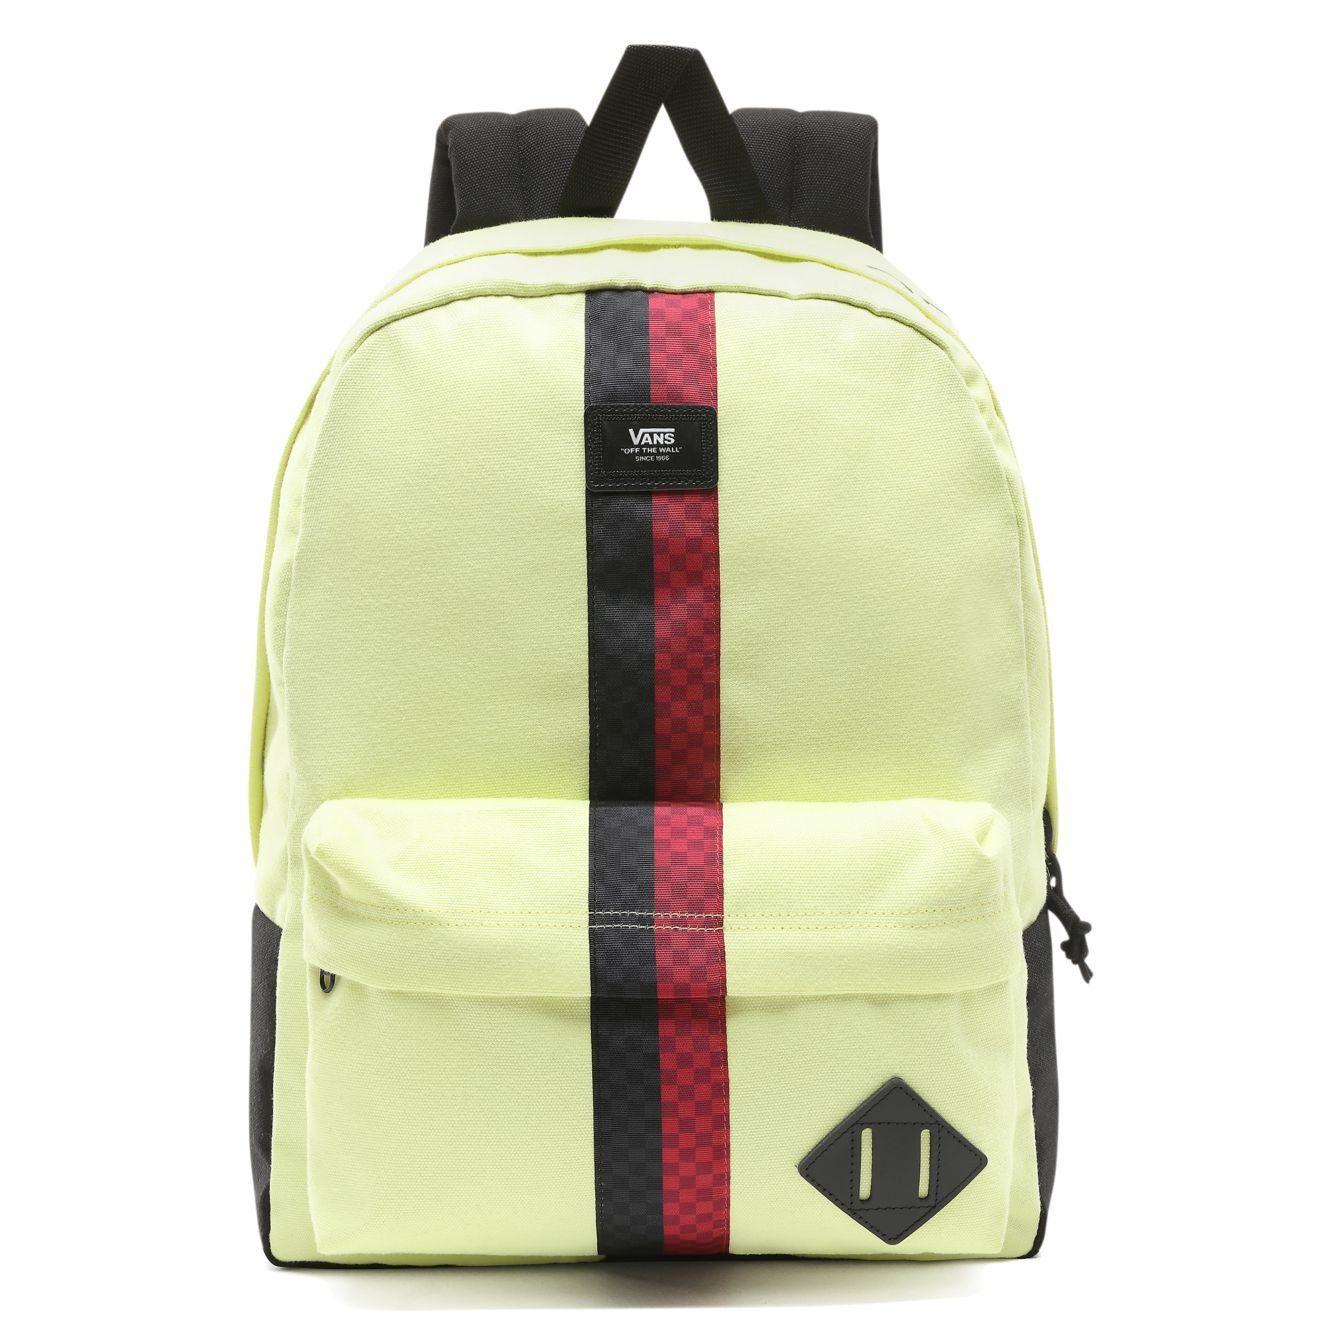 Vans Old Skool II Backpack Sunny Lime | Vans old skool